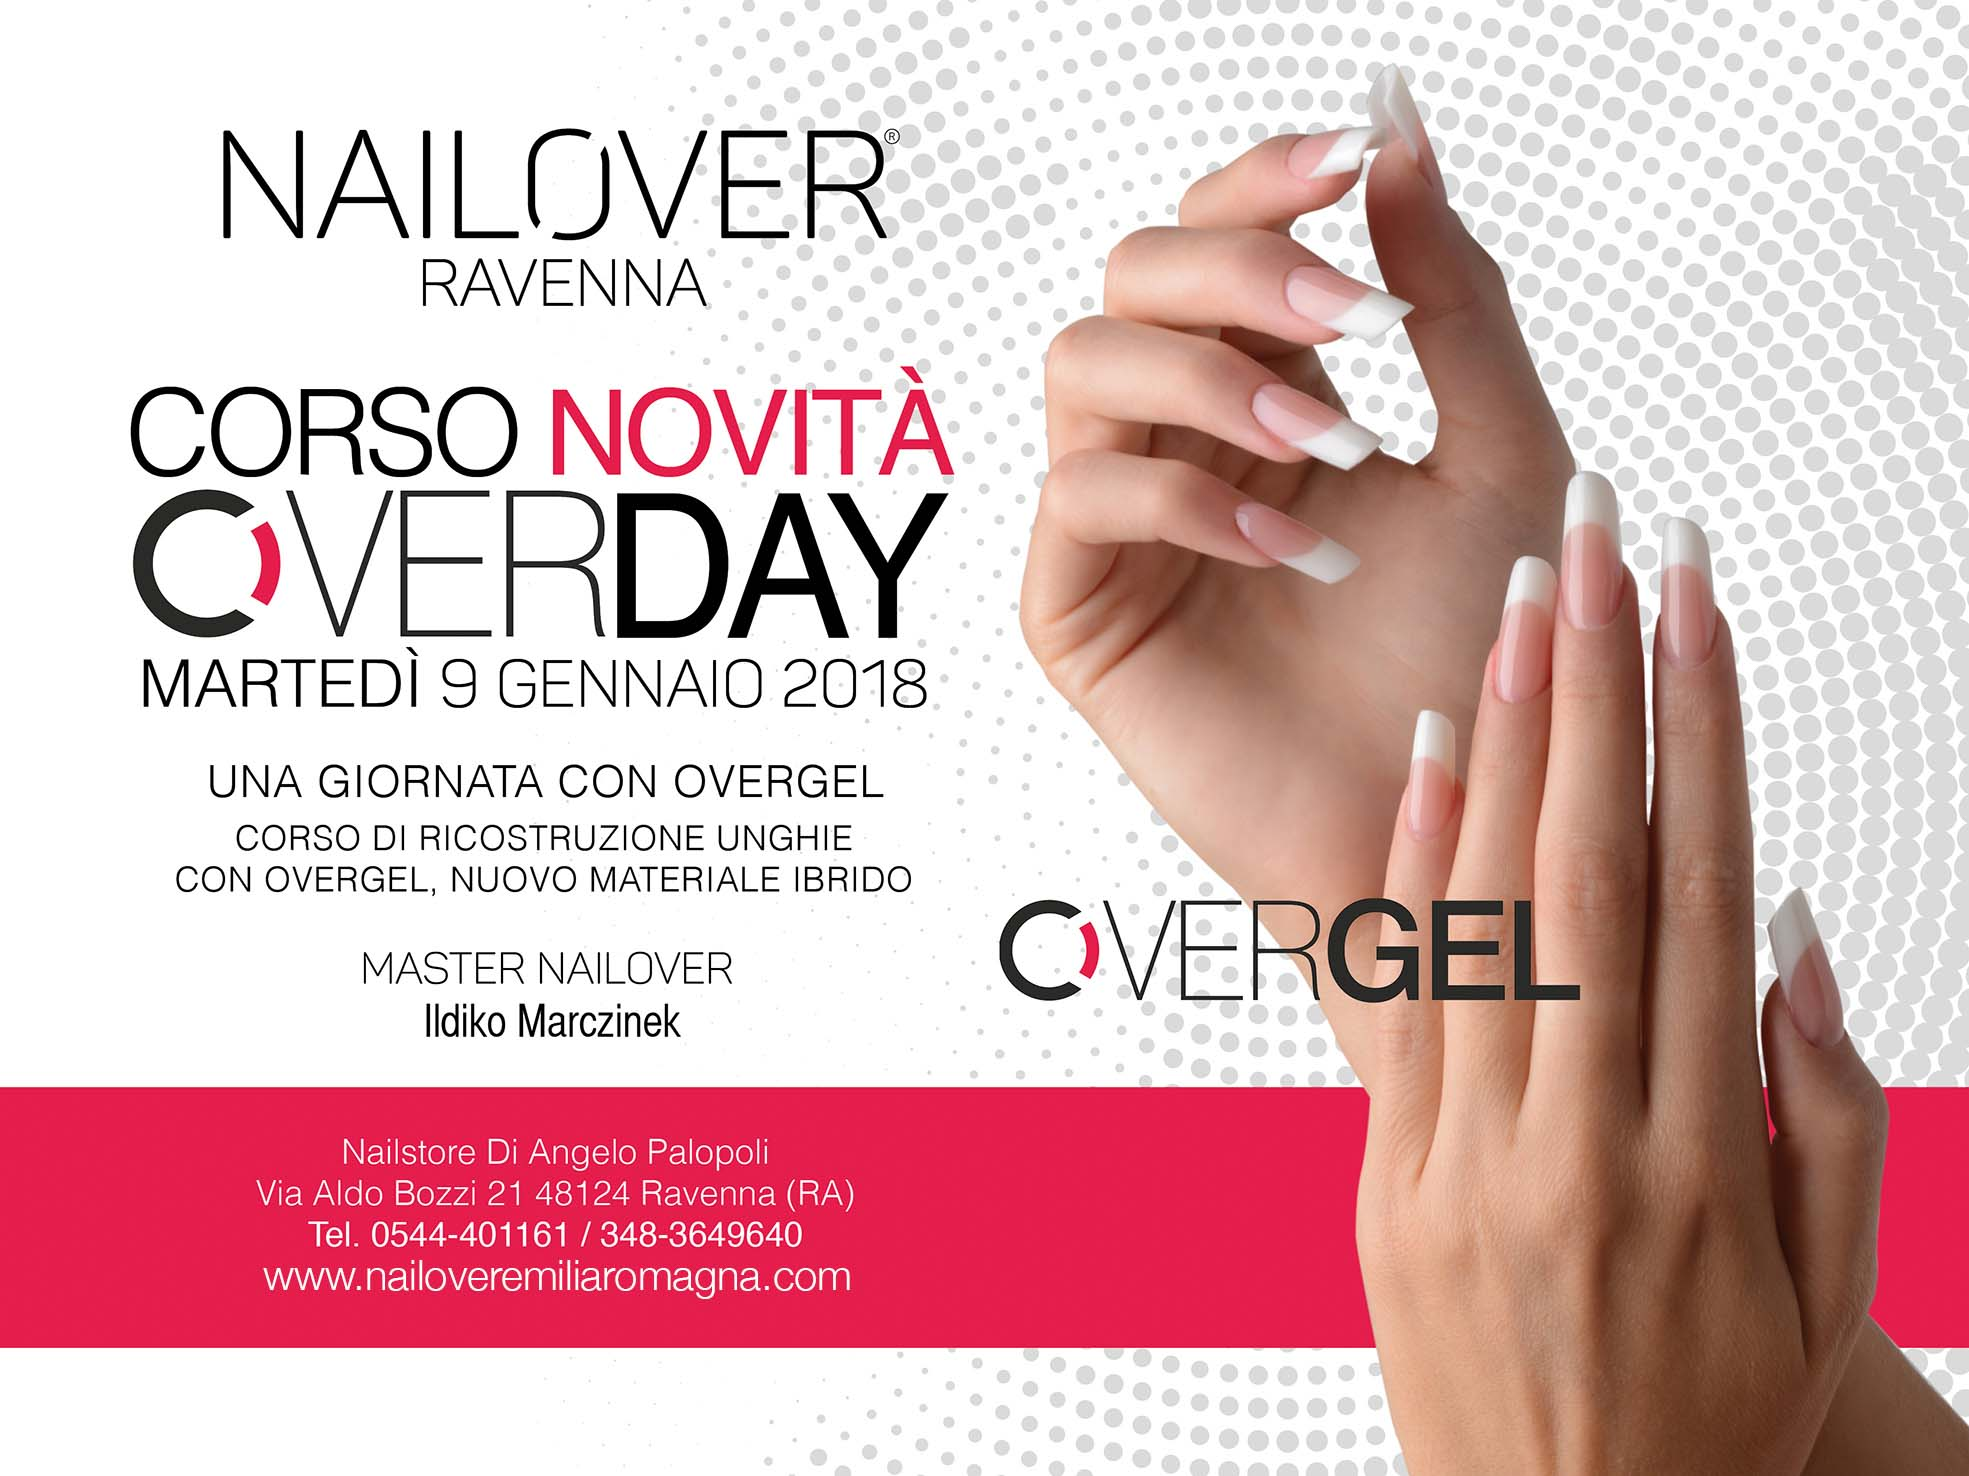 Corso OVERDAY